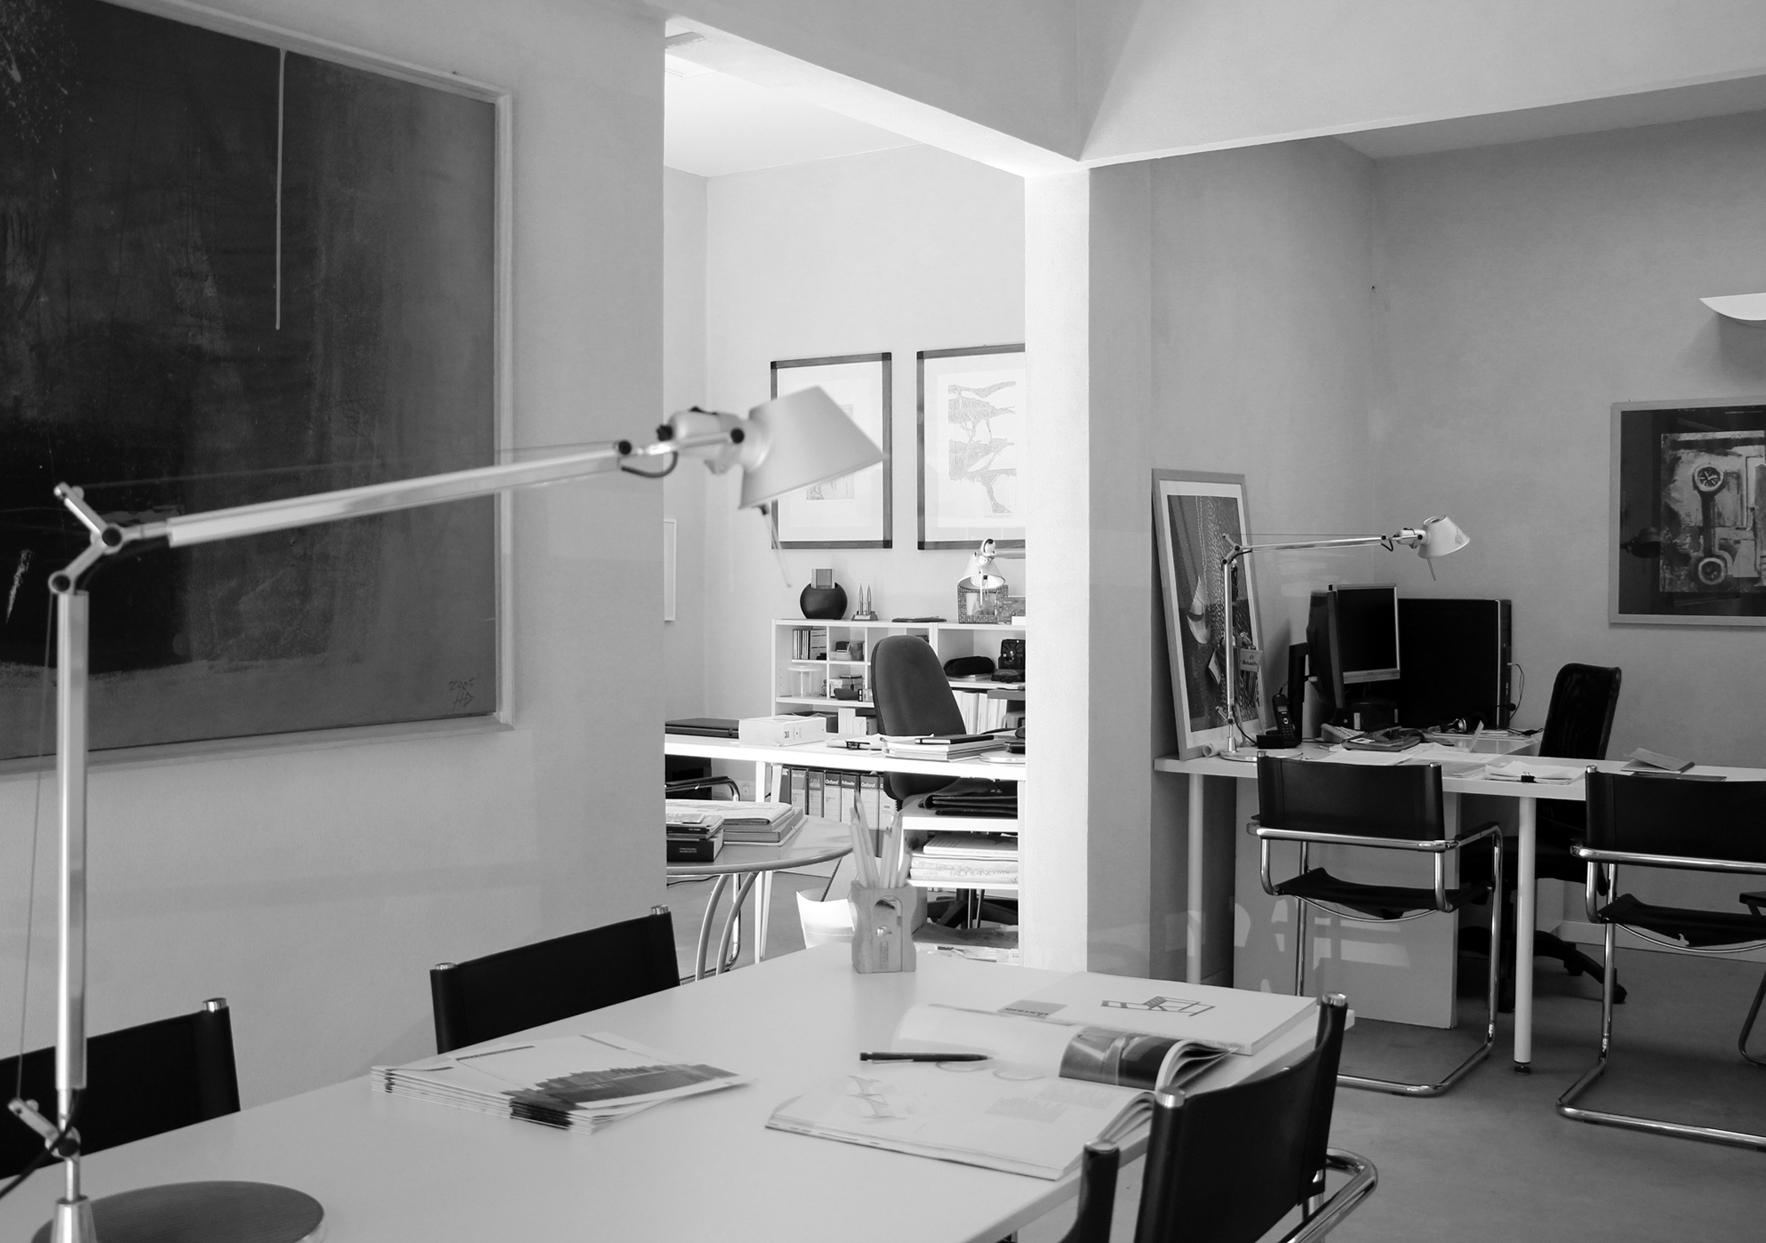 Atelier 01Associati, la nuova sede.